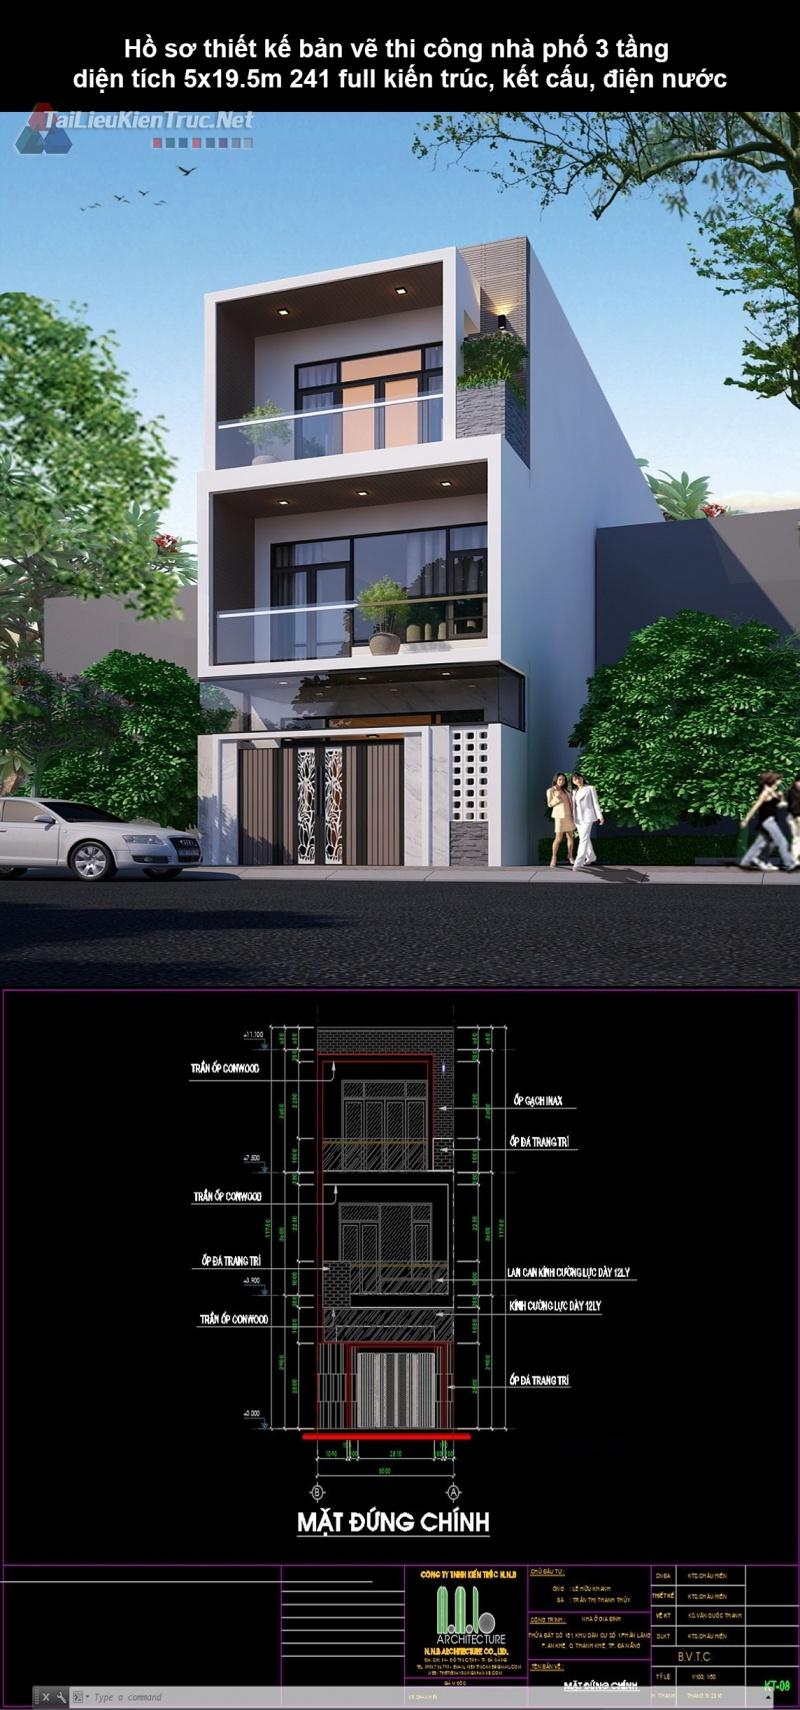 Hồ sơ thiết kế bản vẽ thi công nhà phố 3 tầng diện tích 5x19.5m 241 full kiến trúc, kết cấu, điện nước